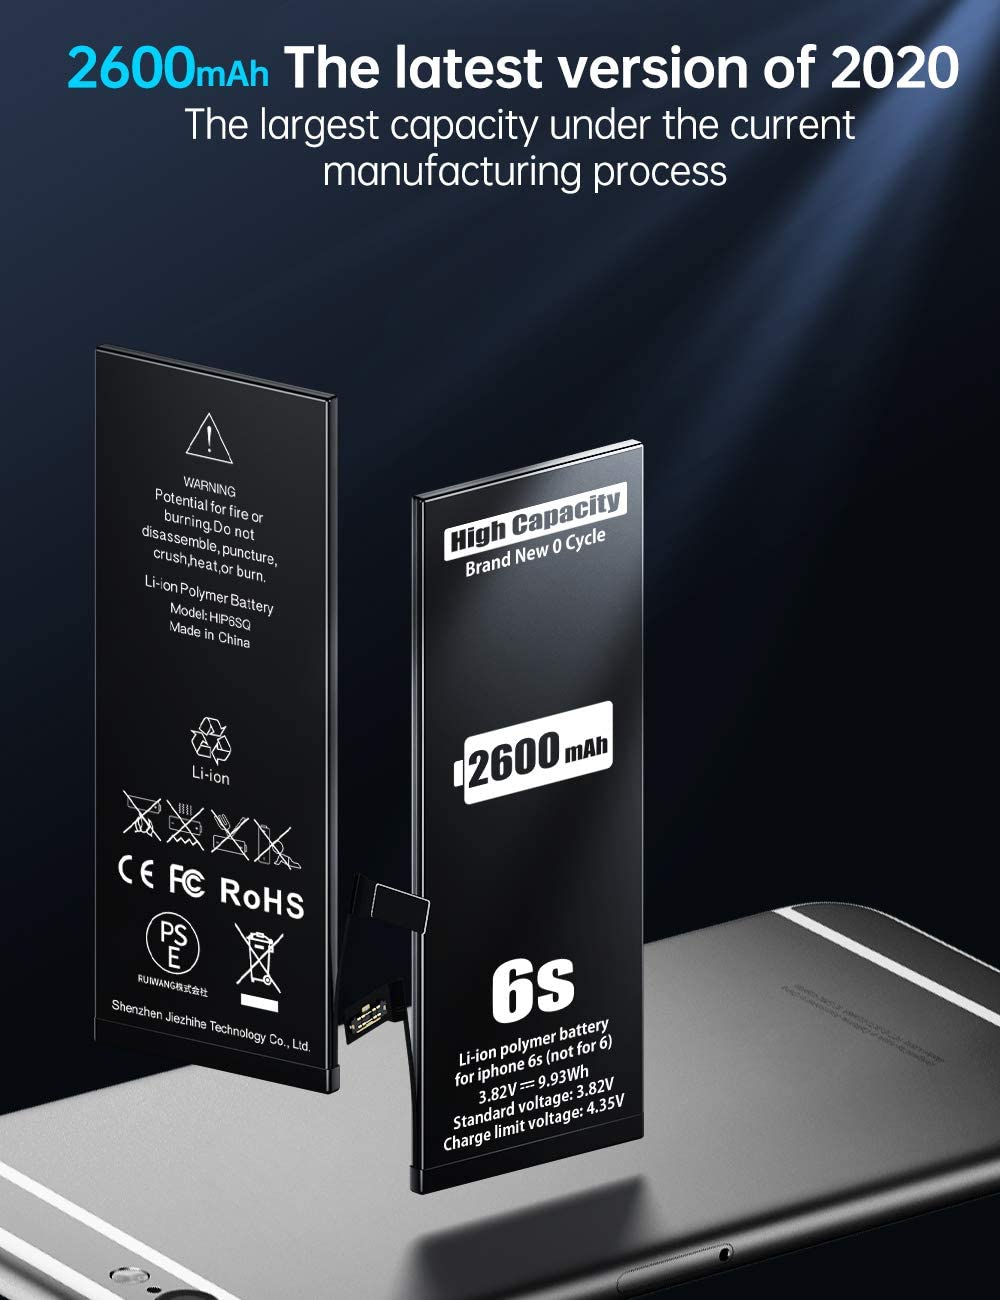 Instruction Derni/ère Version 2300mAh Batterie pour iPhone 6S MNT Remplacement capacit/é Plus /élev/ée Que Les Autres Batteries Outils de r/éparation Professionnels complets